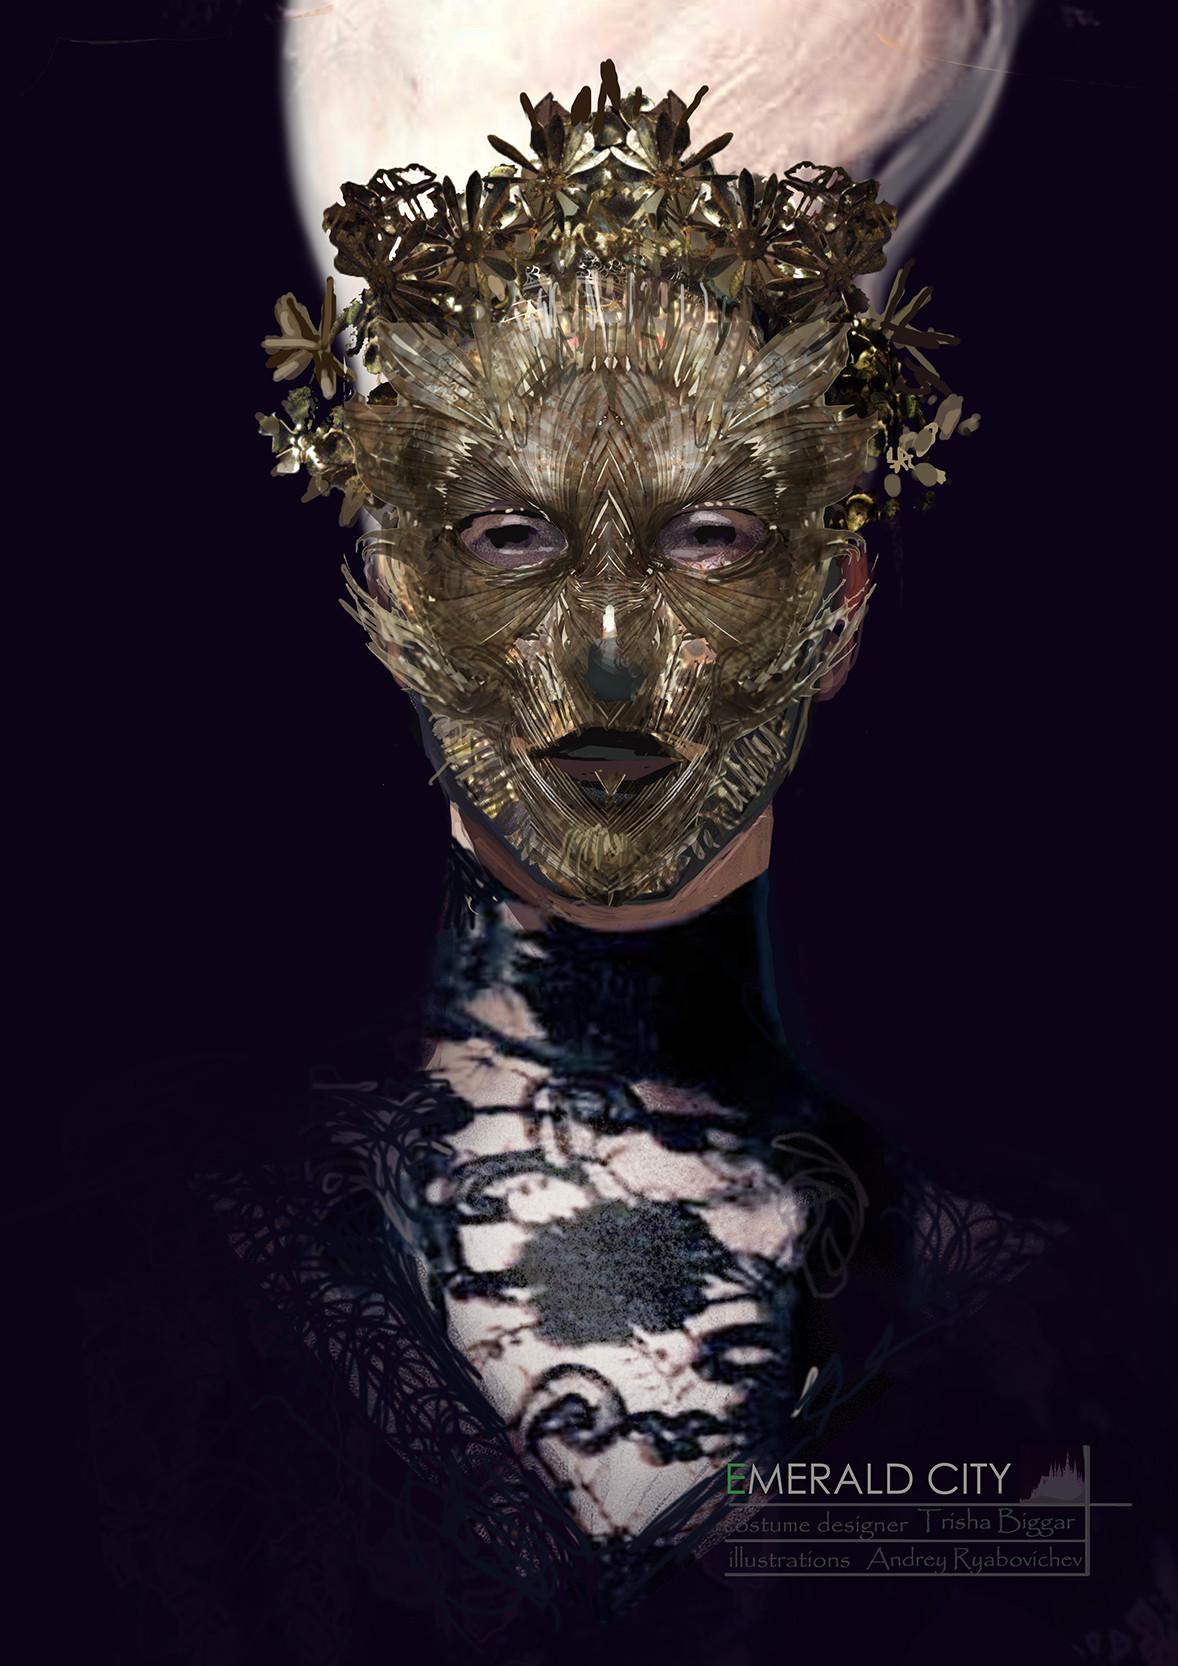 Andrei riabovitchev ec princess masks v005 004 ar